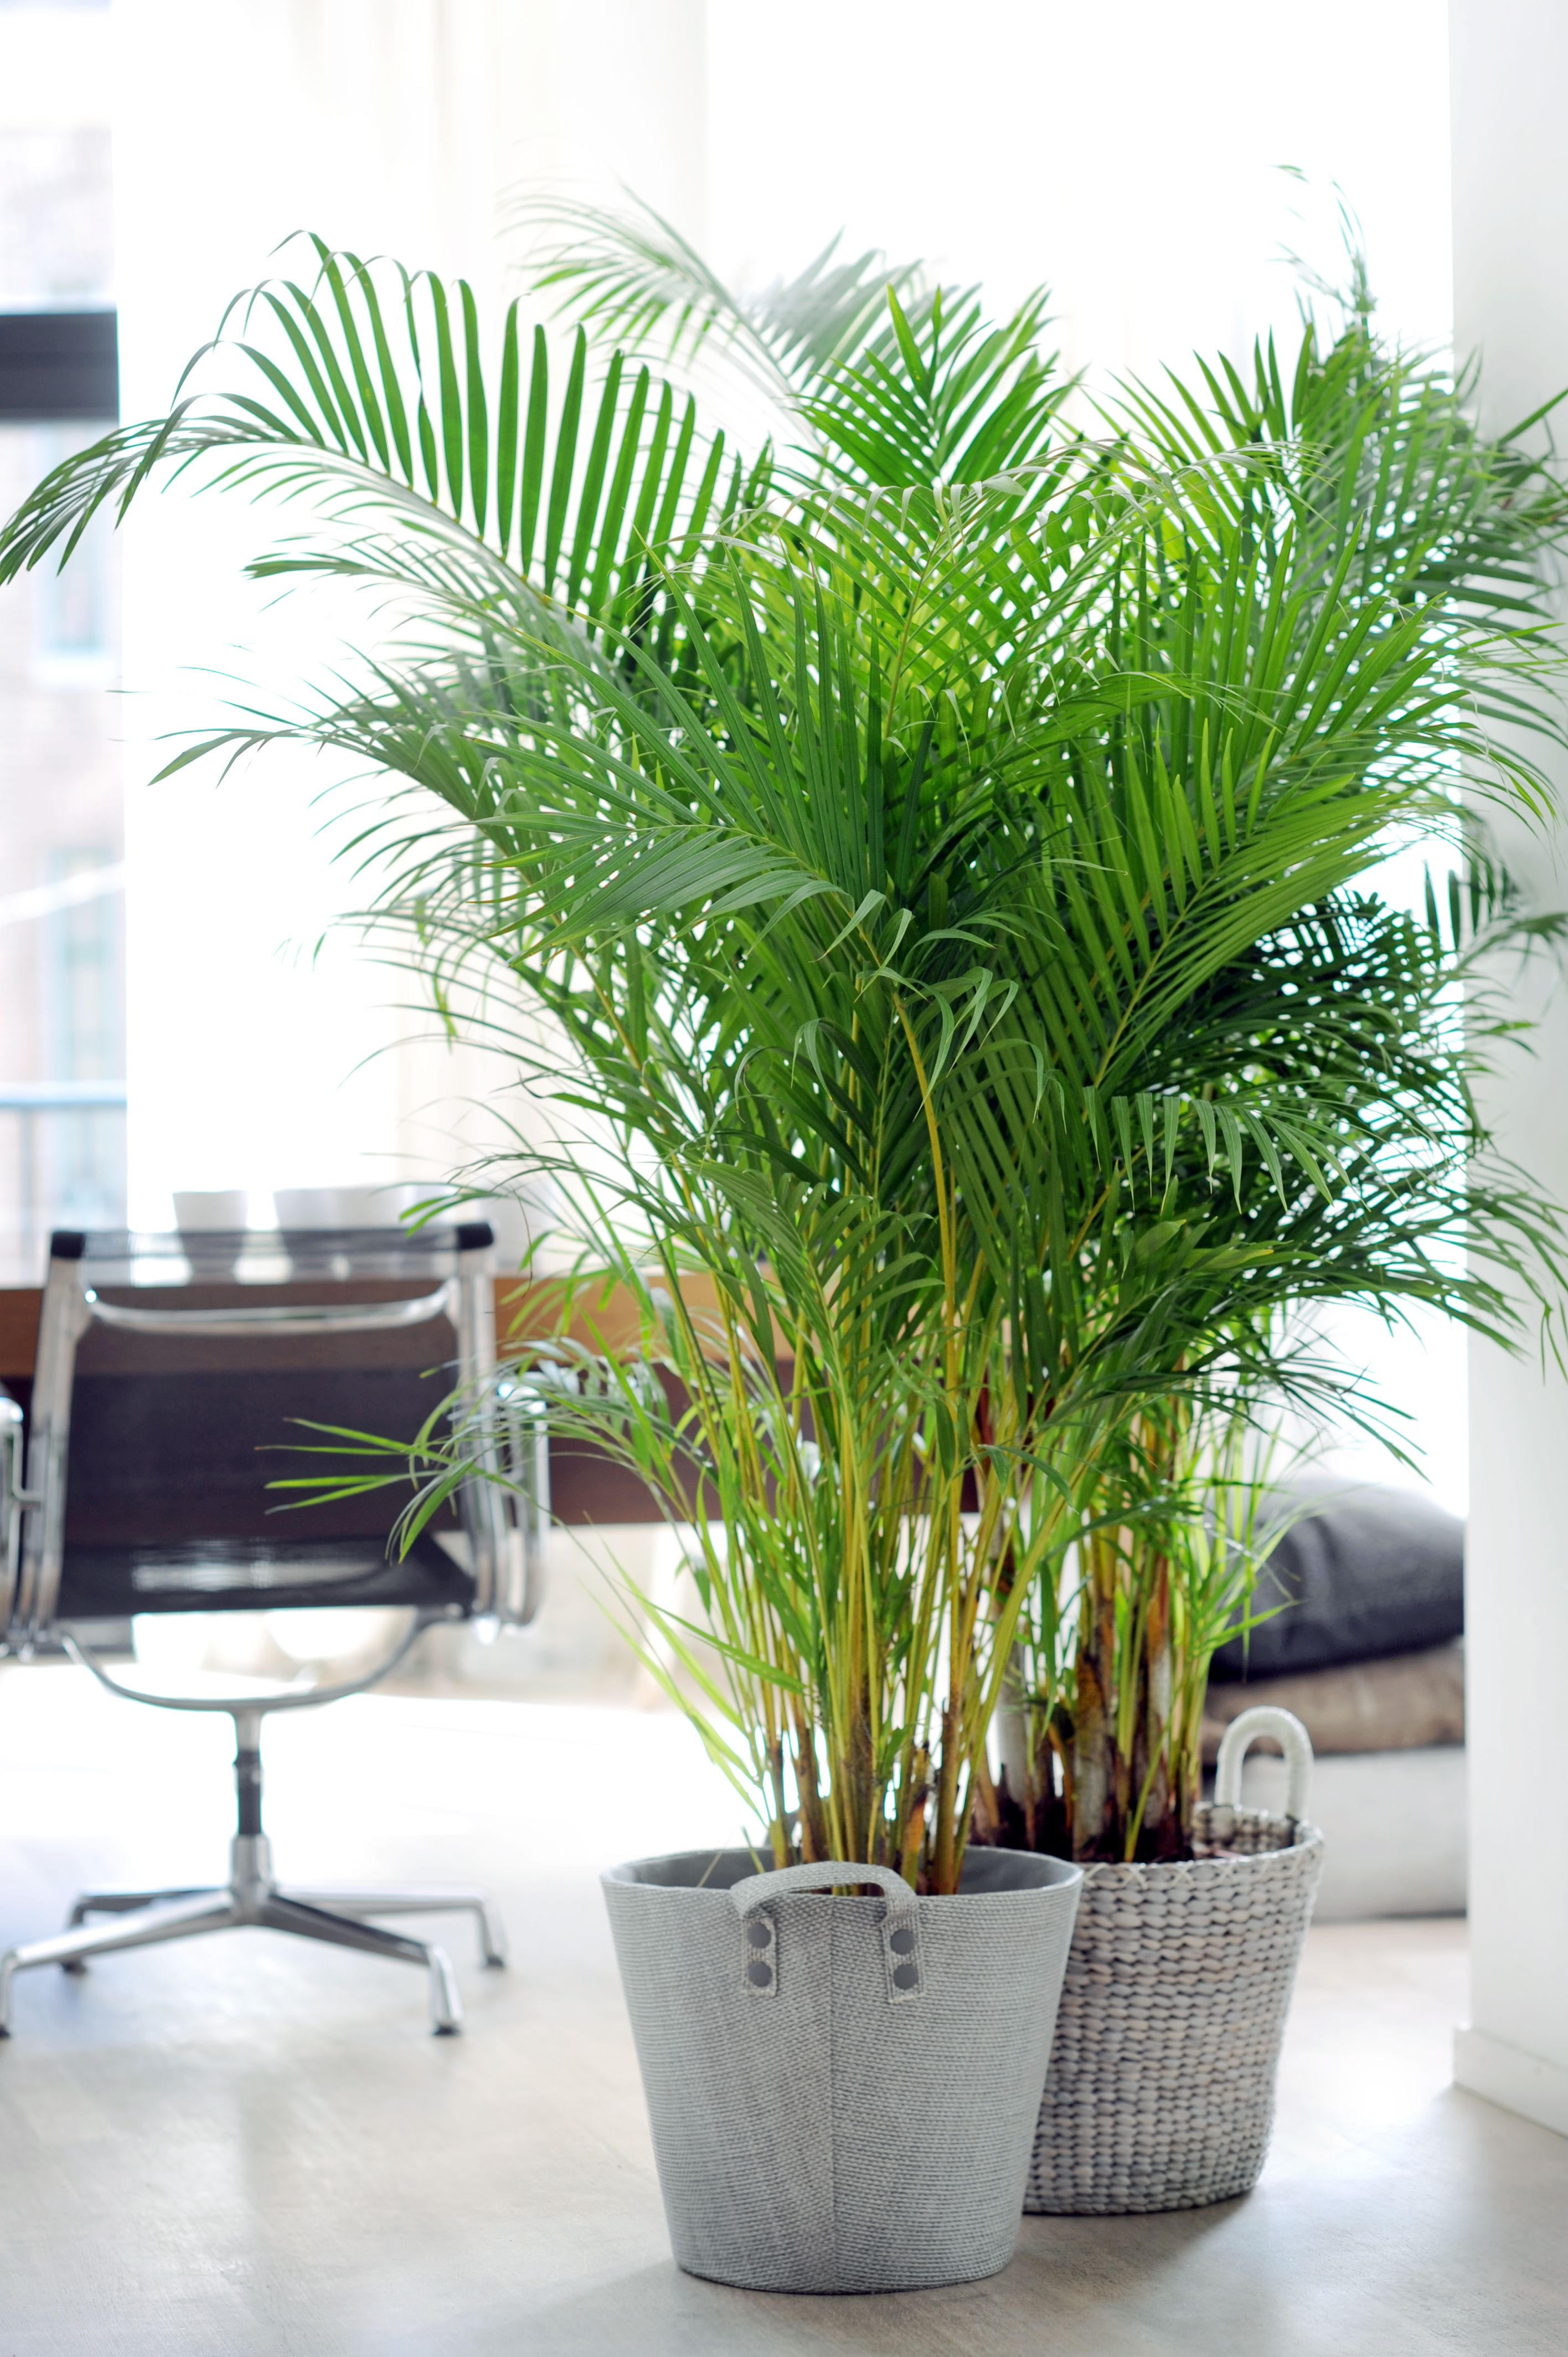 areca rempot dans pot lechuza quadro taupe plantes plante interieur et int rieur. Black Bedroom Furniture Sets. Home Design Ideas